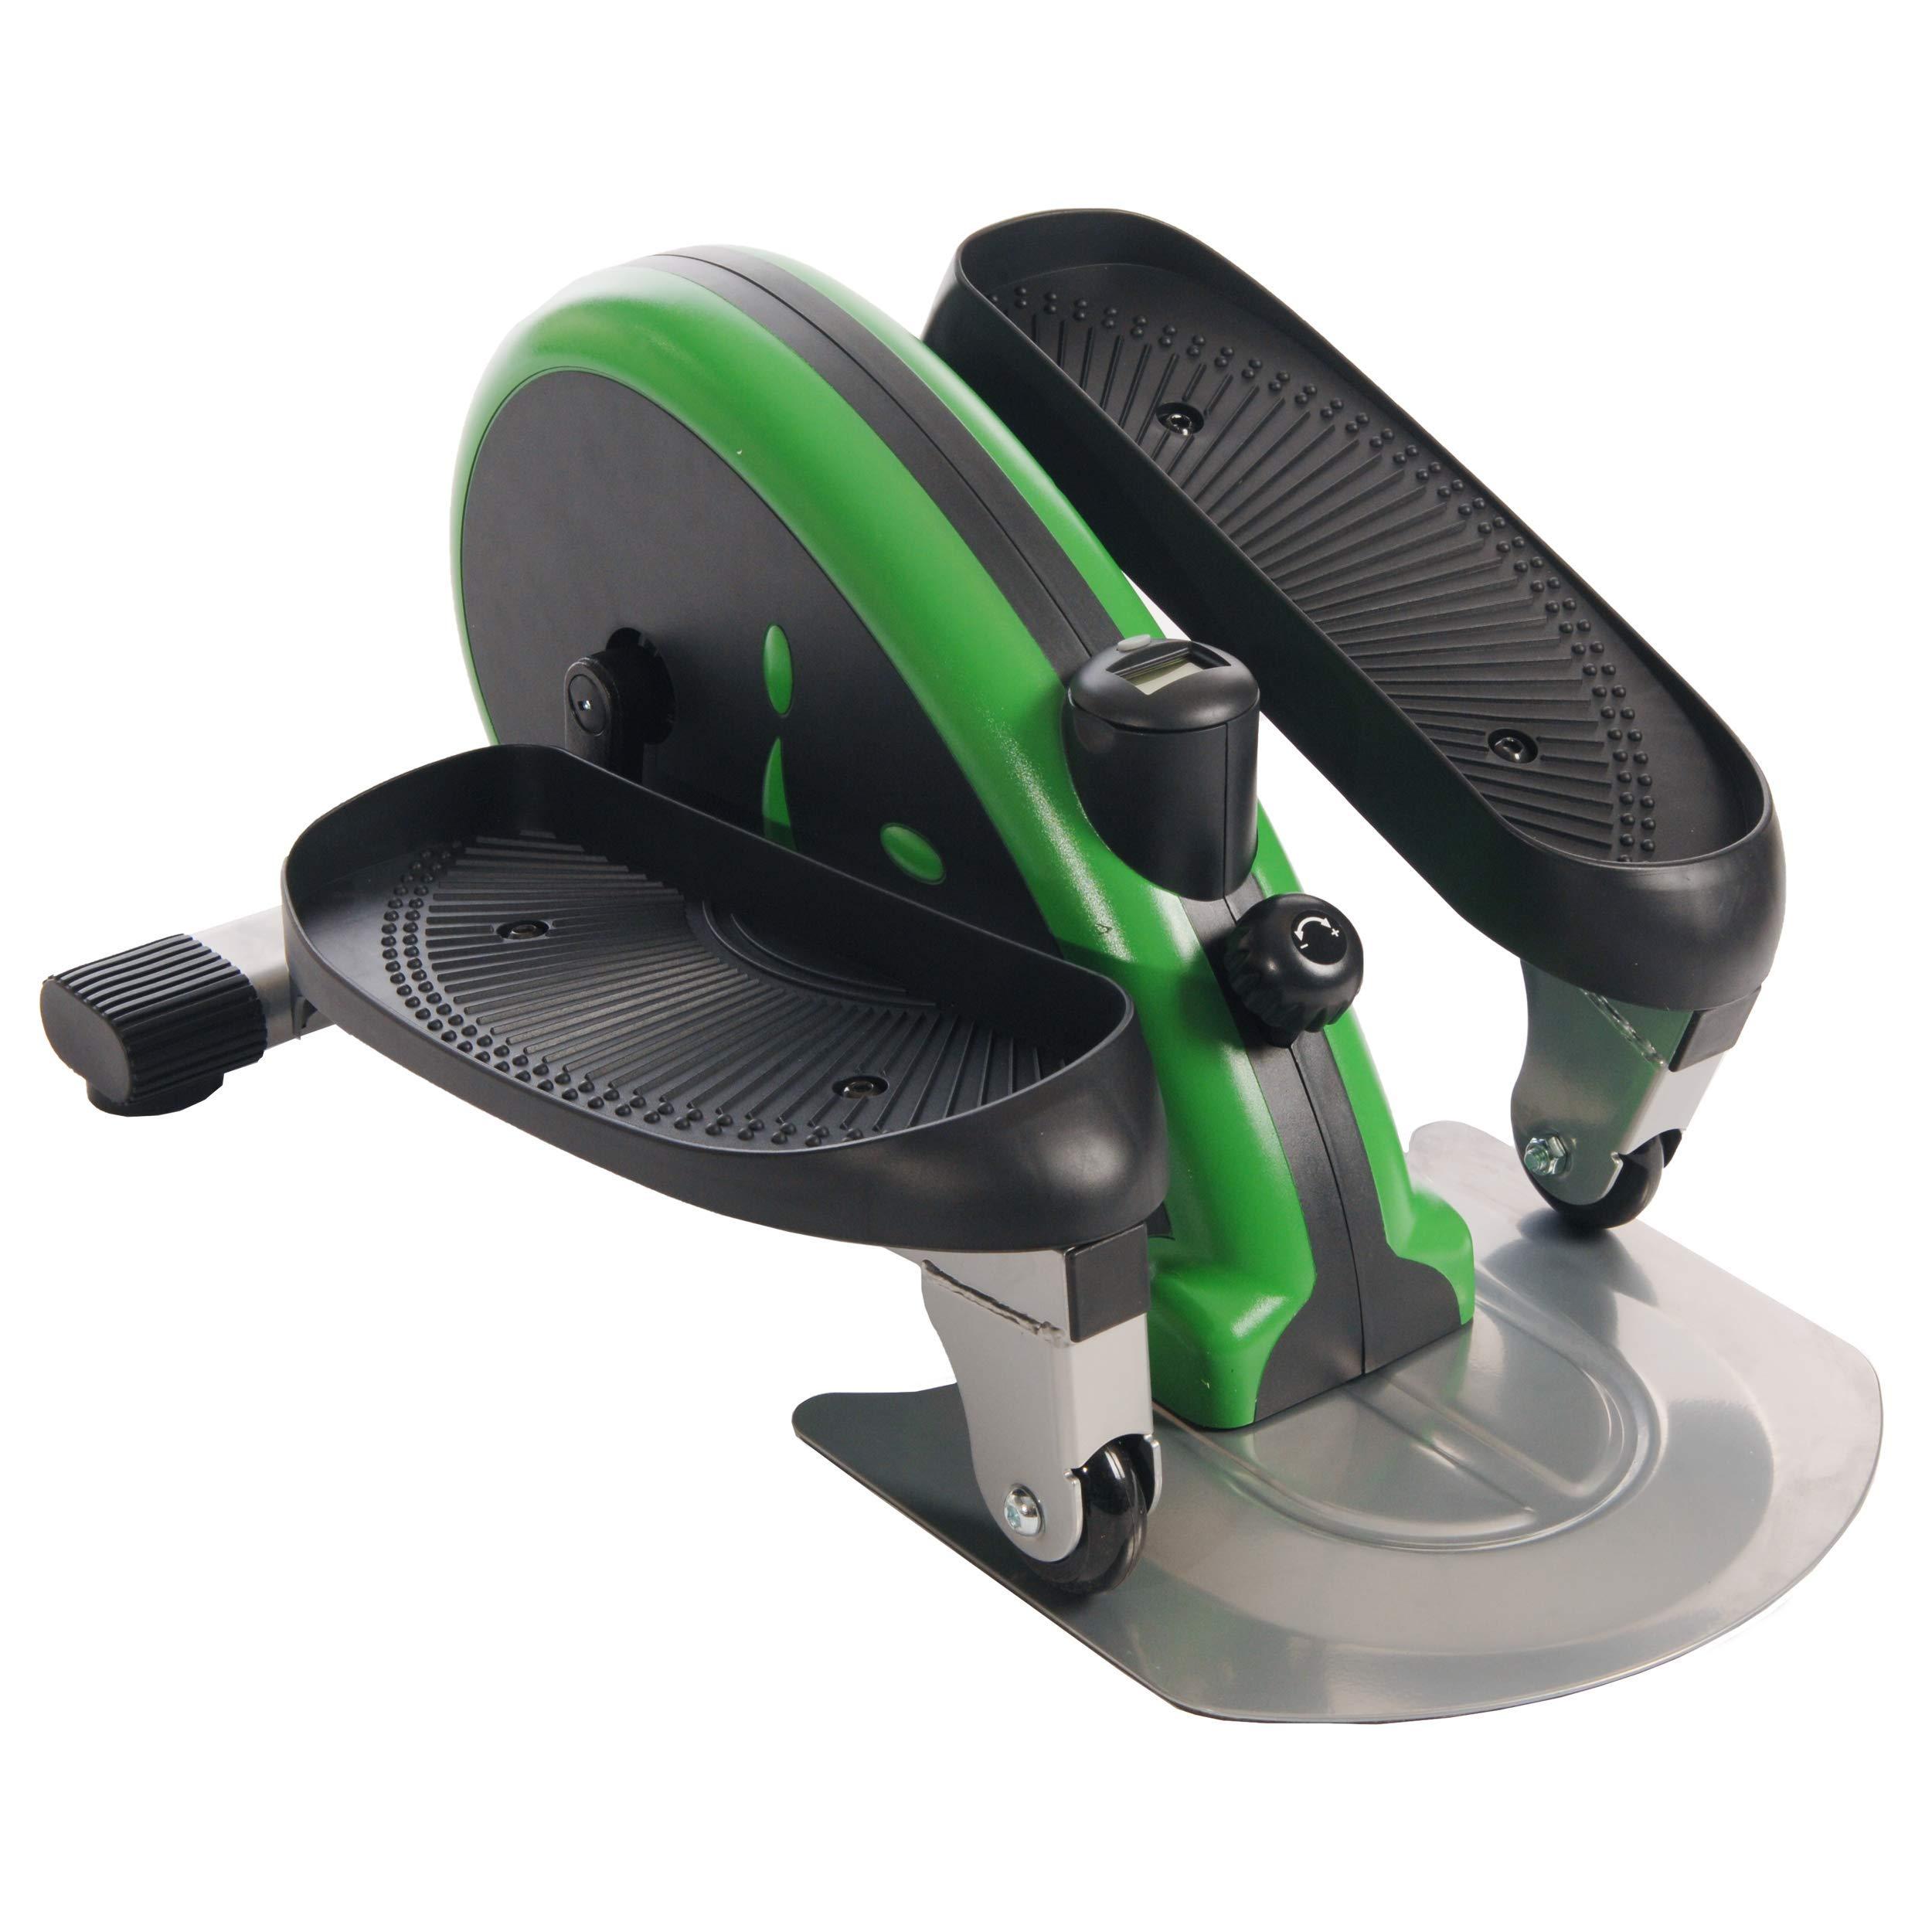 Stamina 55-1602 InMotion Elliptical, Green (Renewed)